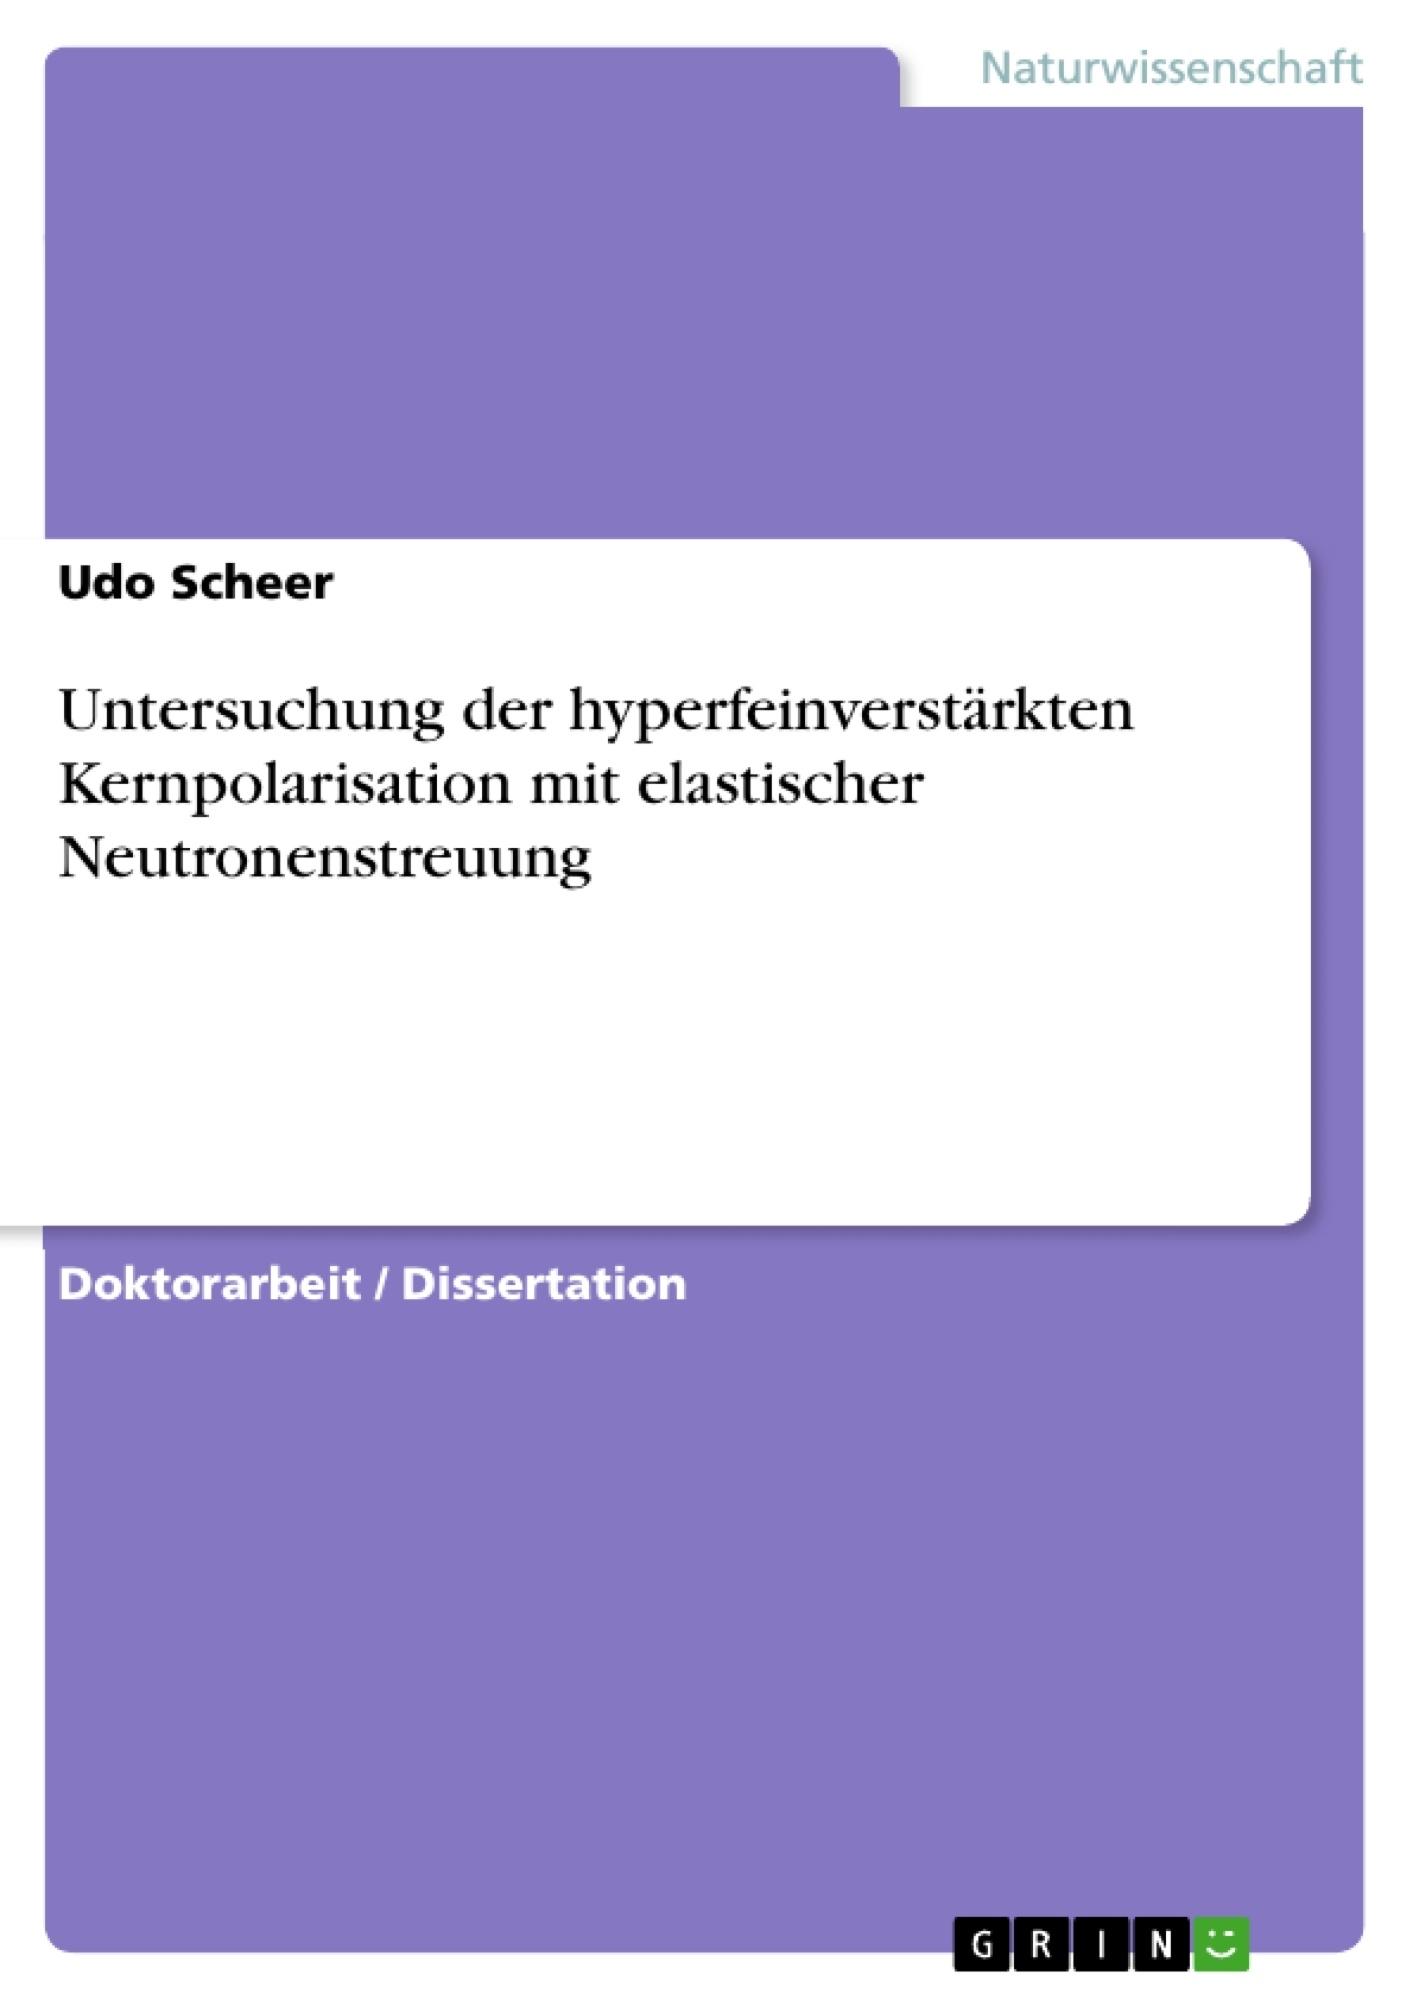 Titel: Untersuchung der hyperfeinverstärkten Kernpolarisation mit elastischer Neutronenstreuung